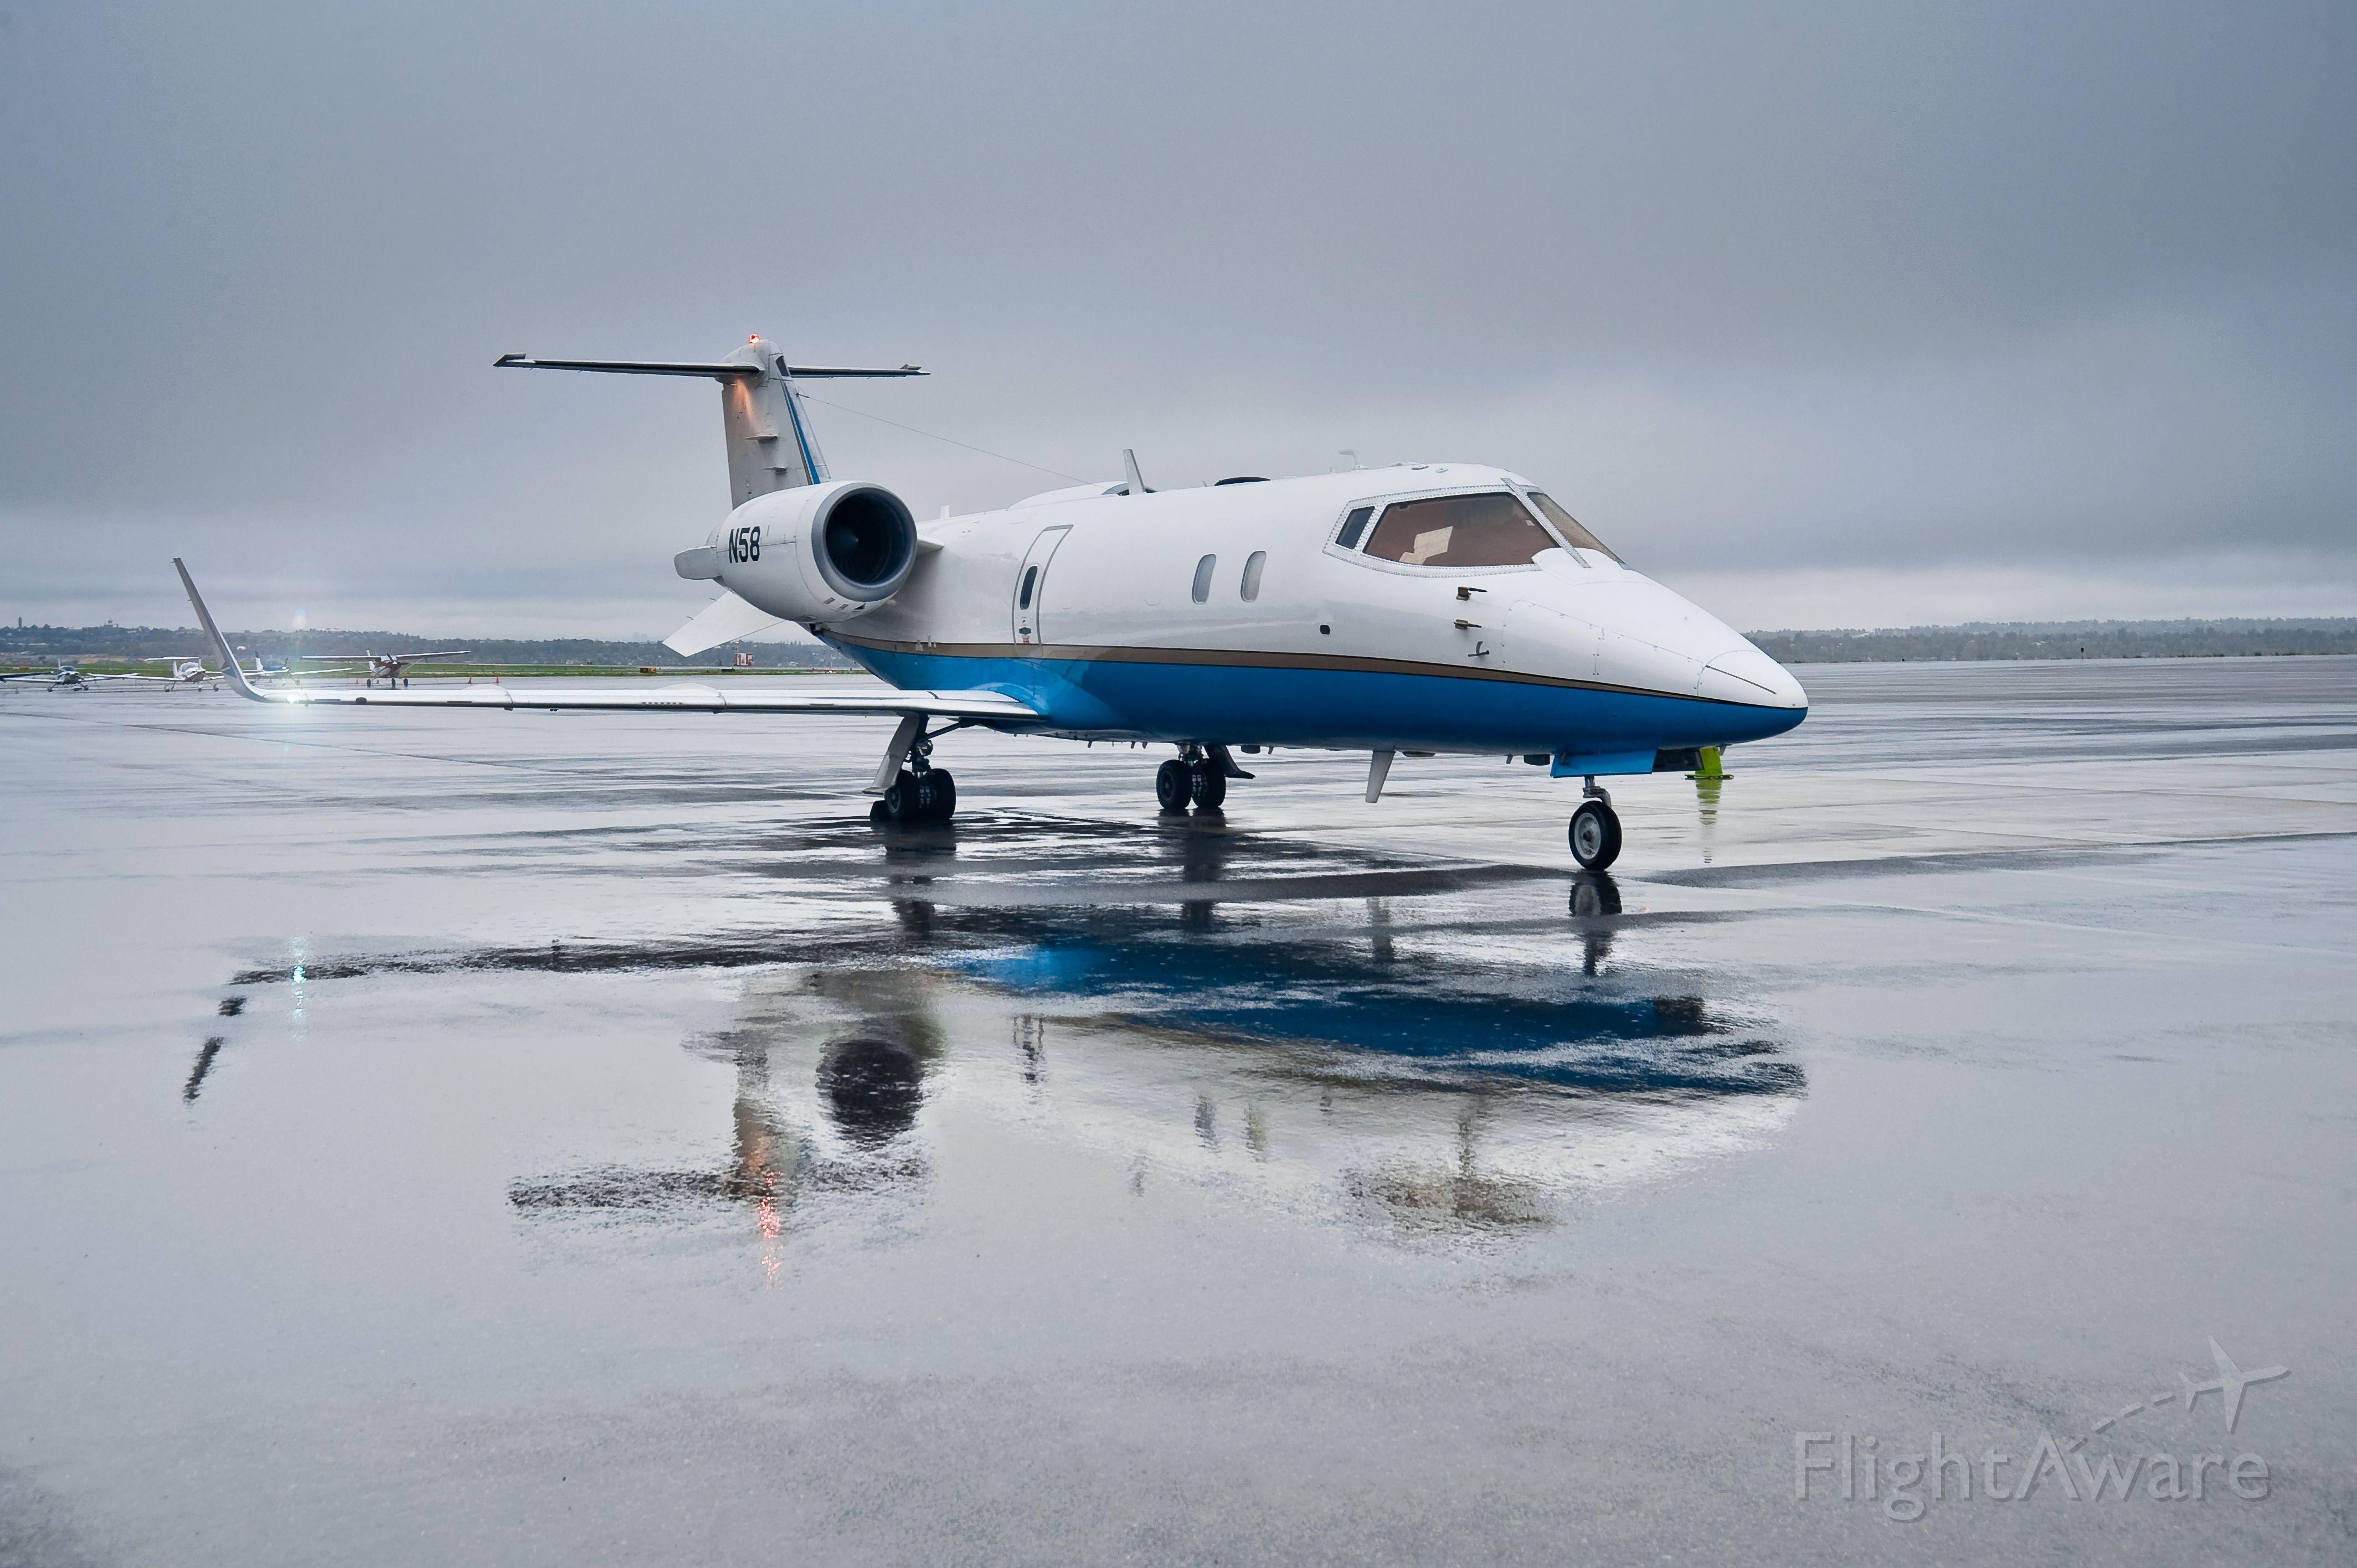 Learjet 60 (N58)